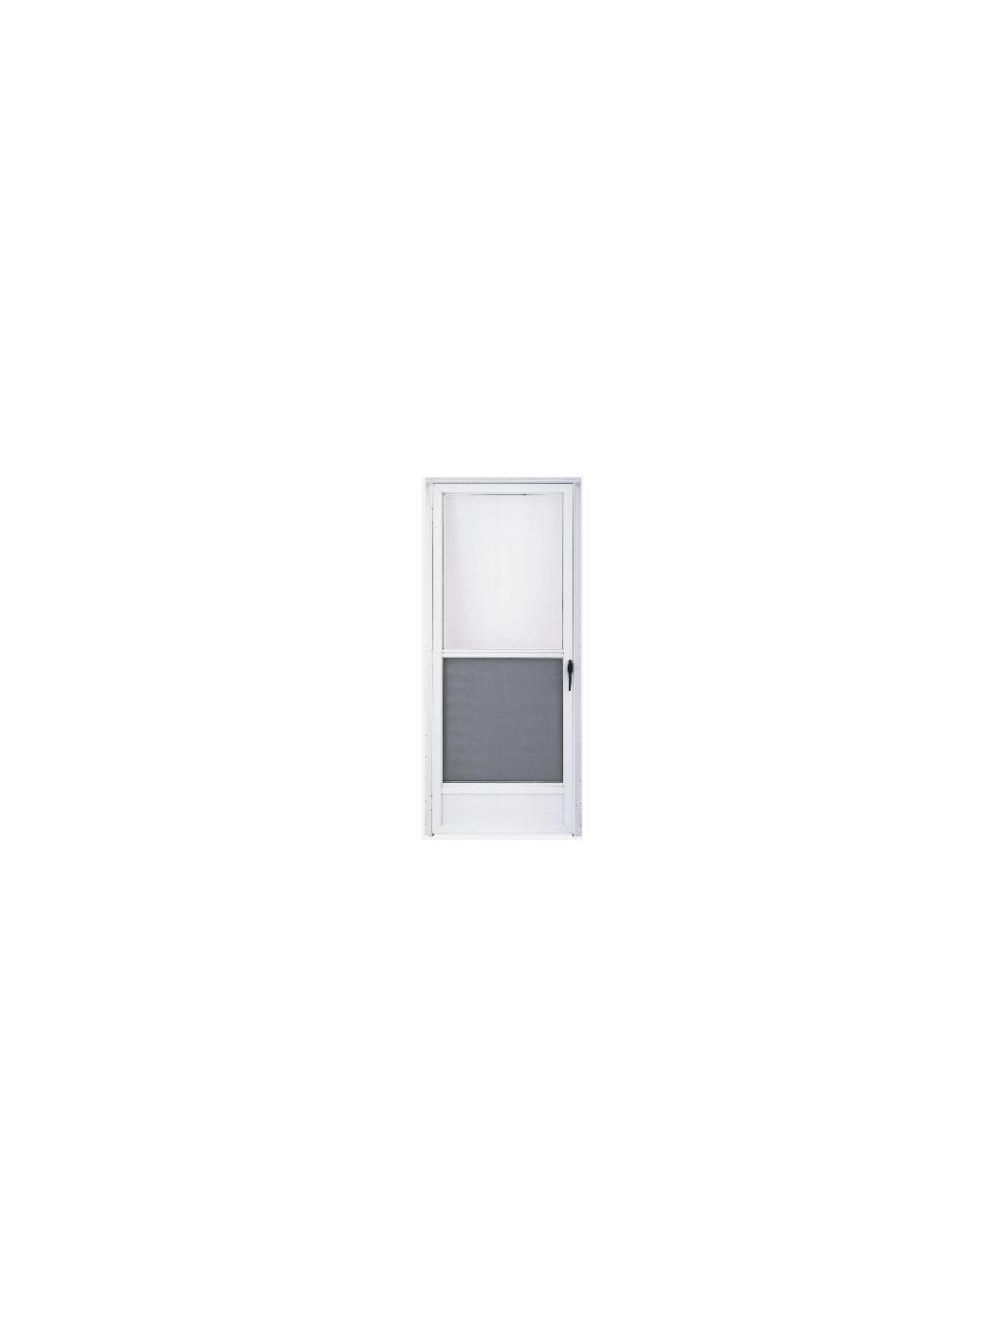 Storm Door 32x76 Lh White